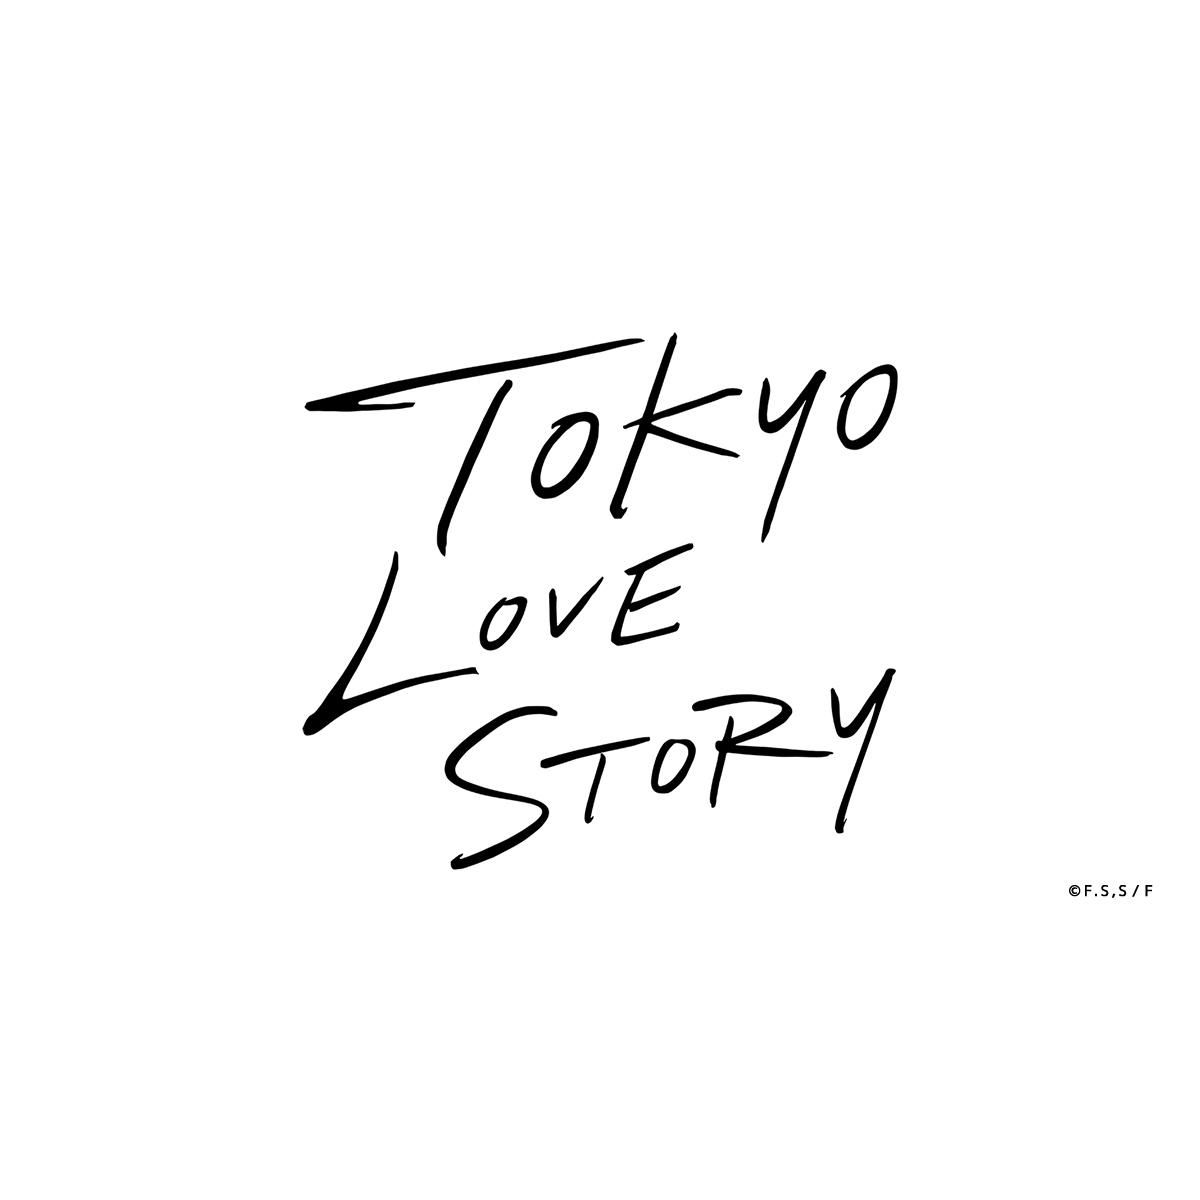 ラブ 河 石橋 静 ストーリー 東京